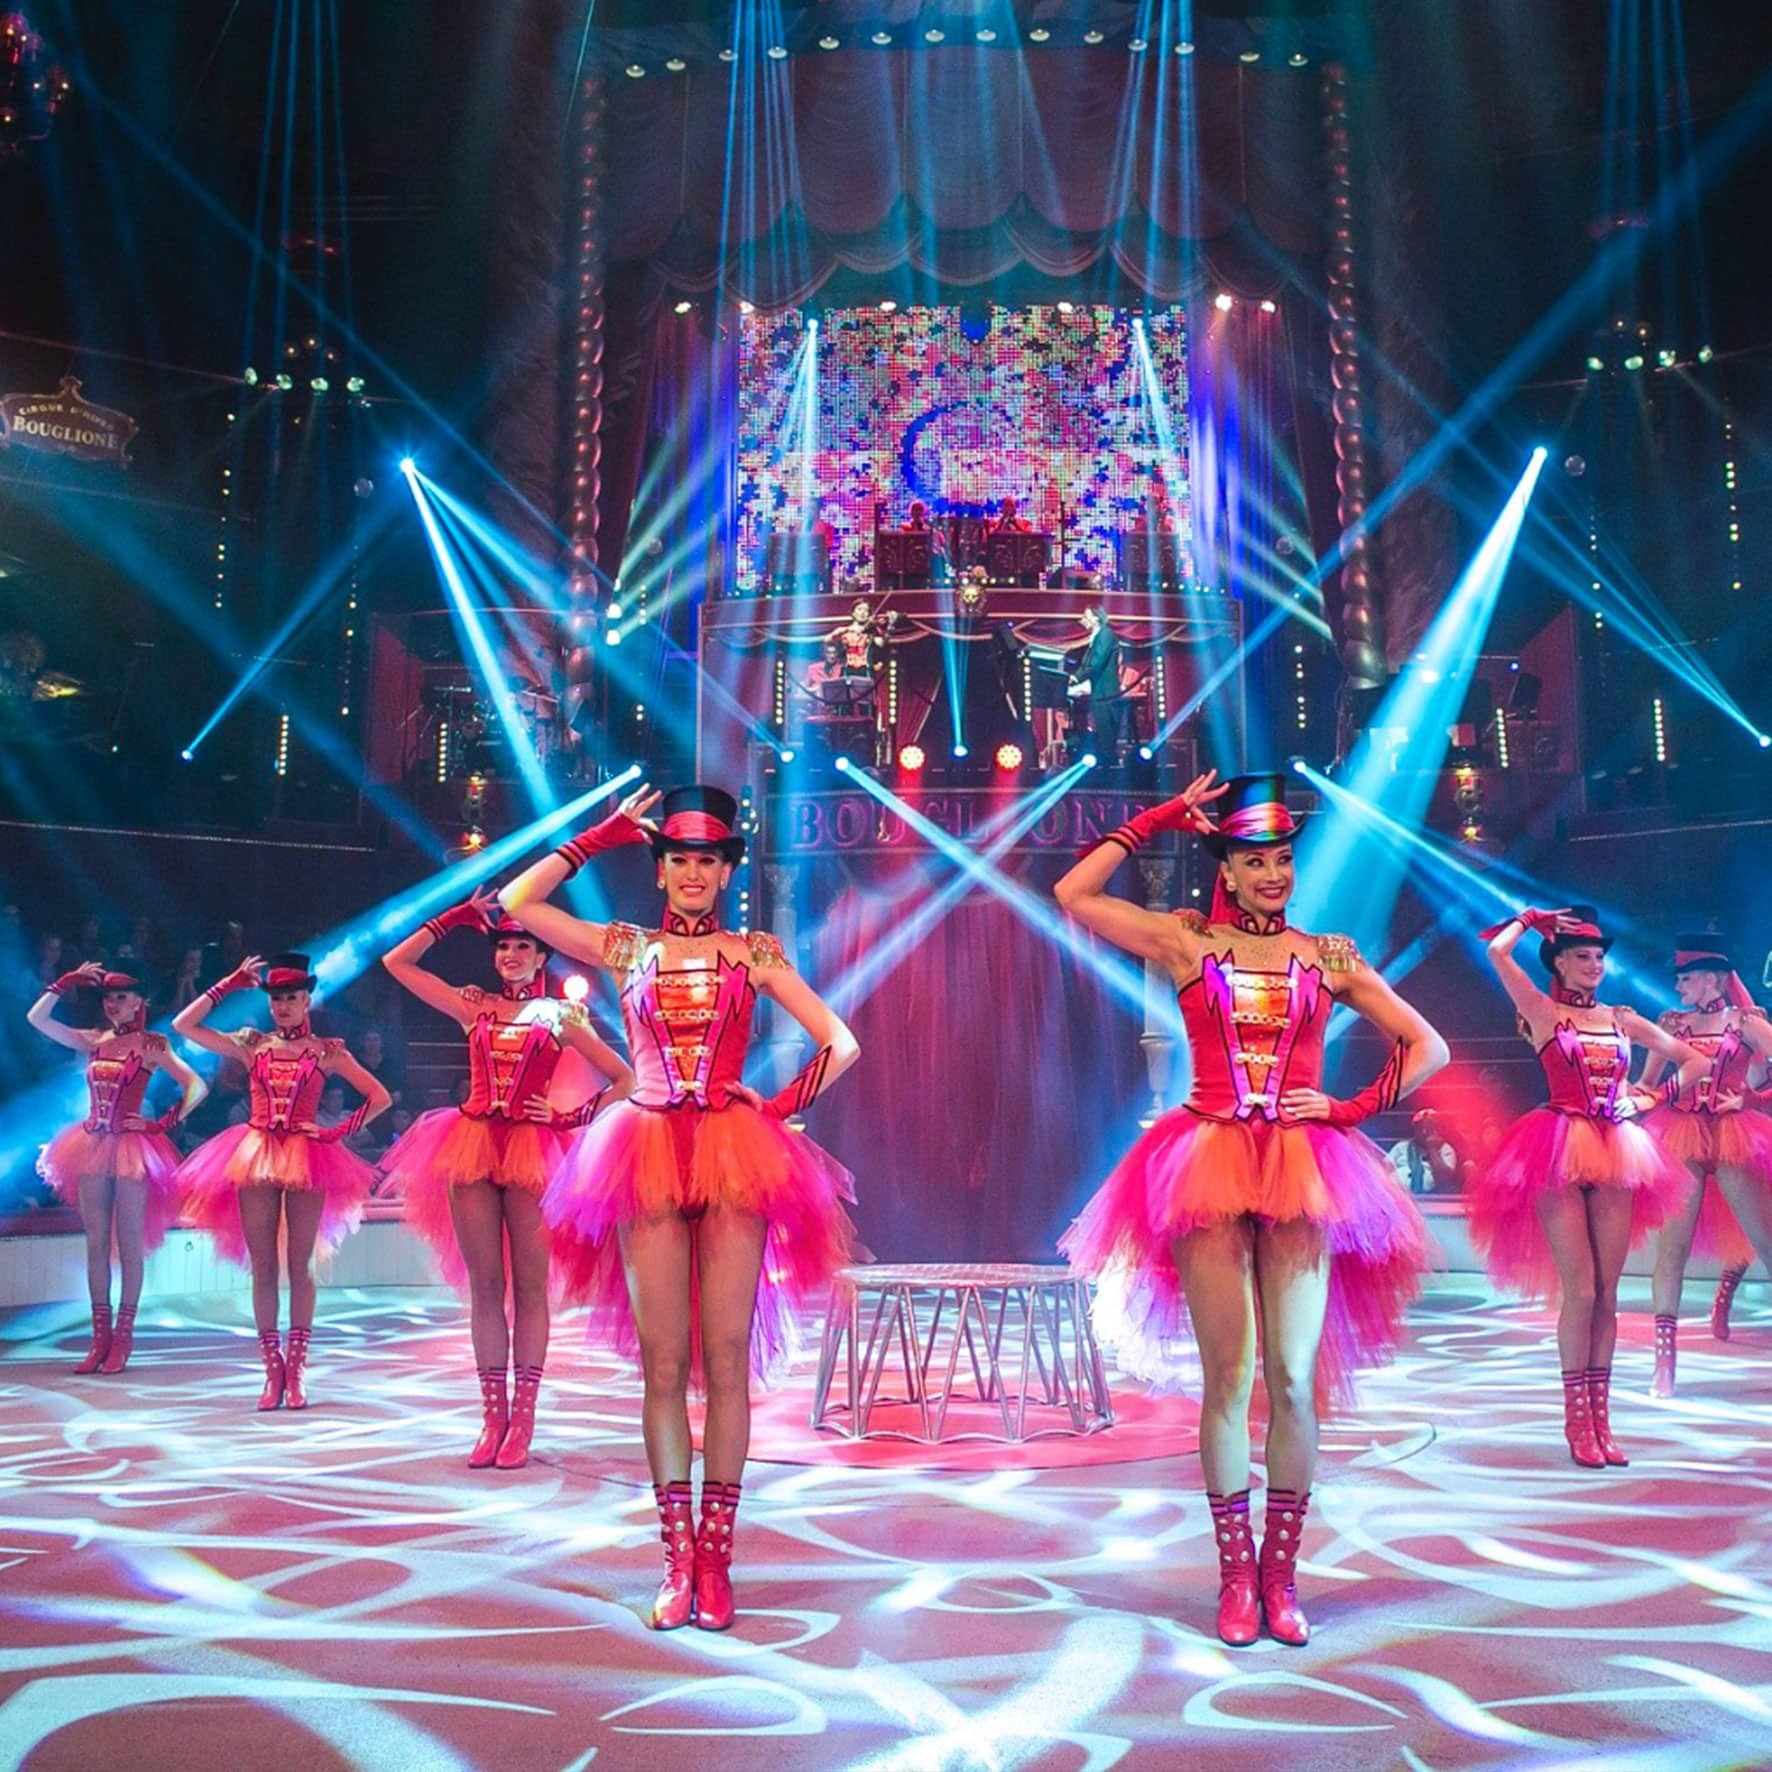 La troupe Mégalythe spectacle s2a production